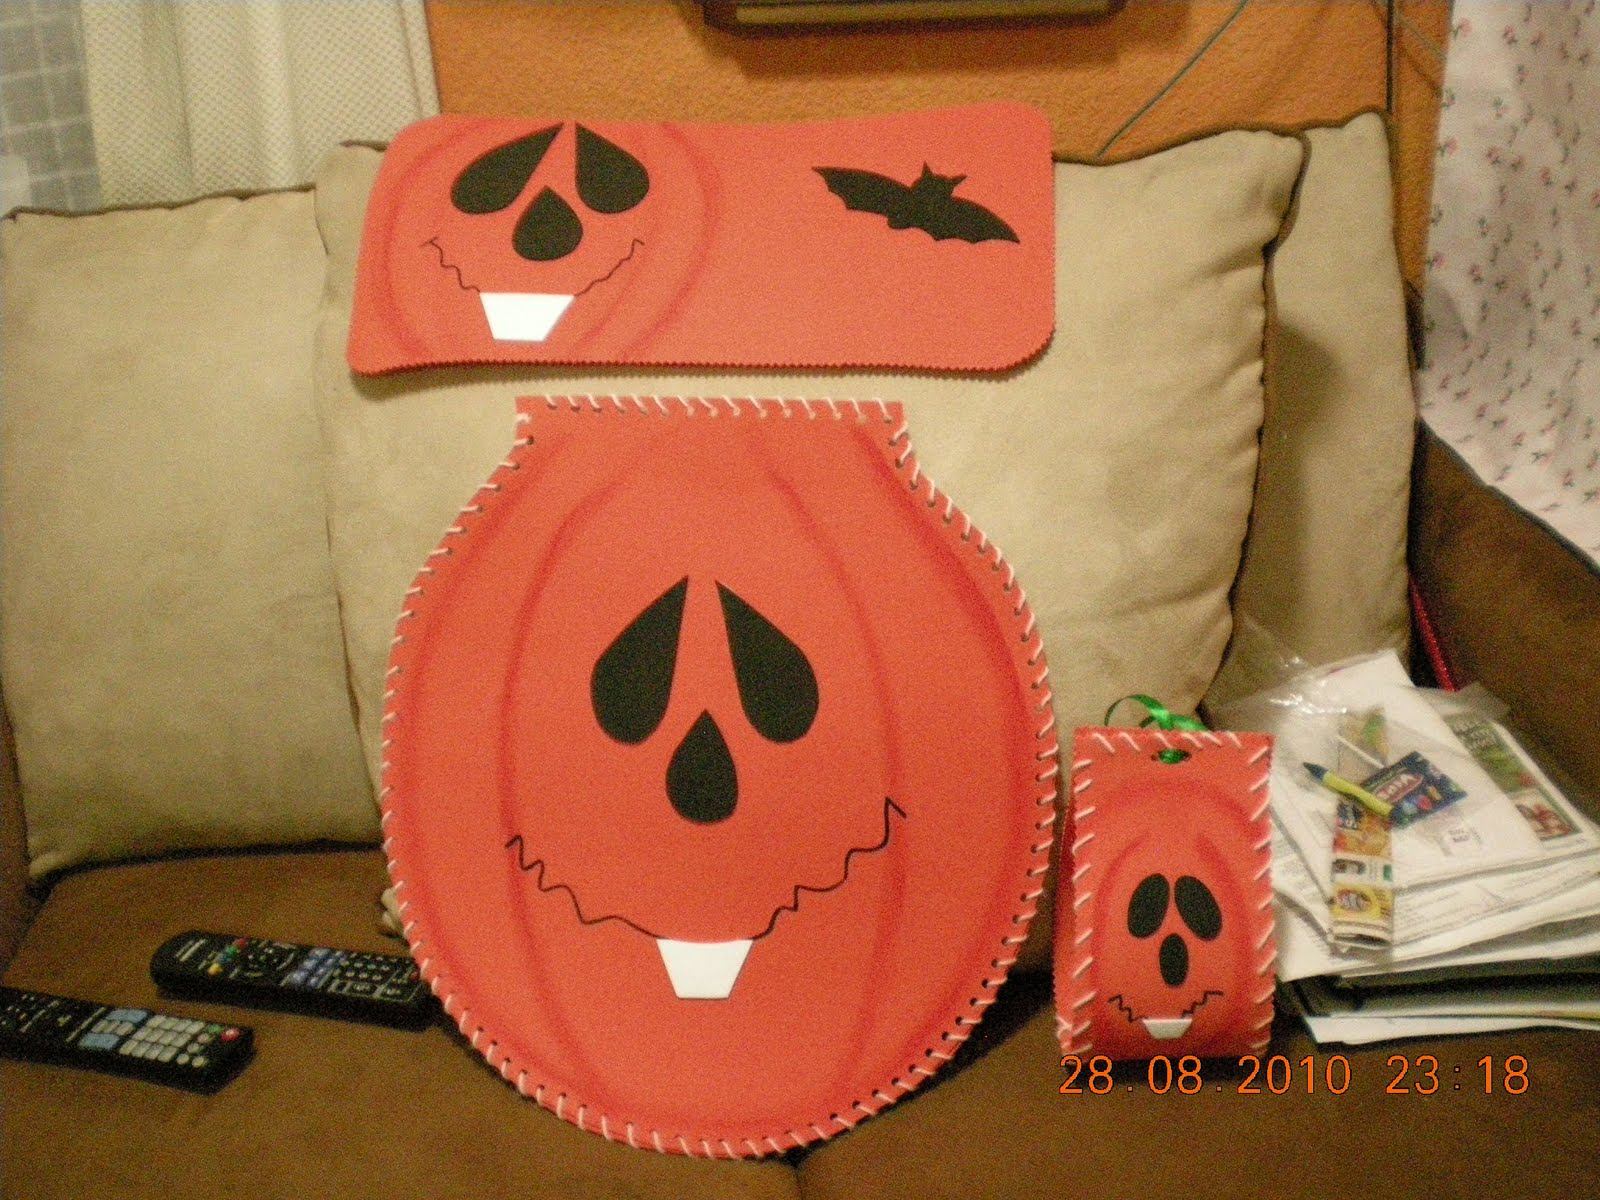 Juegos De Baño Halloween:El Ropero de Sonia México: Juego de Baño para halloween